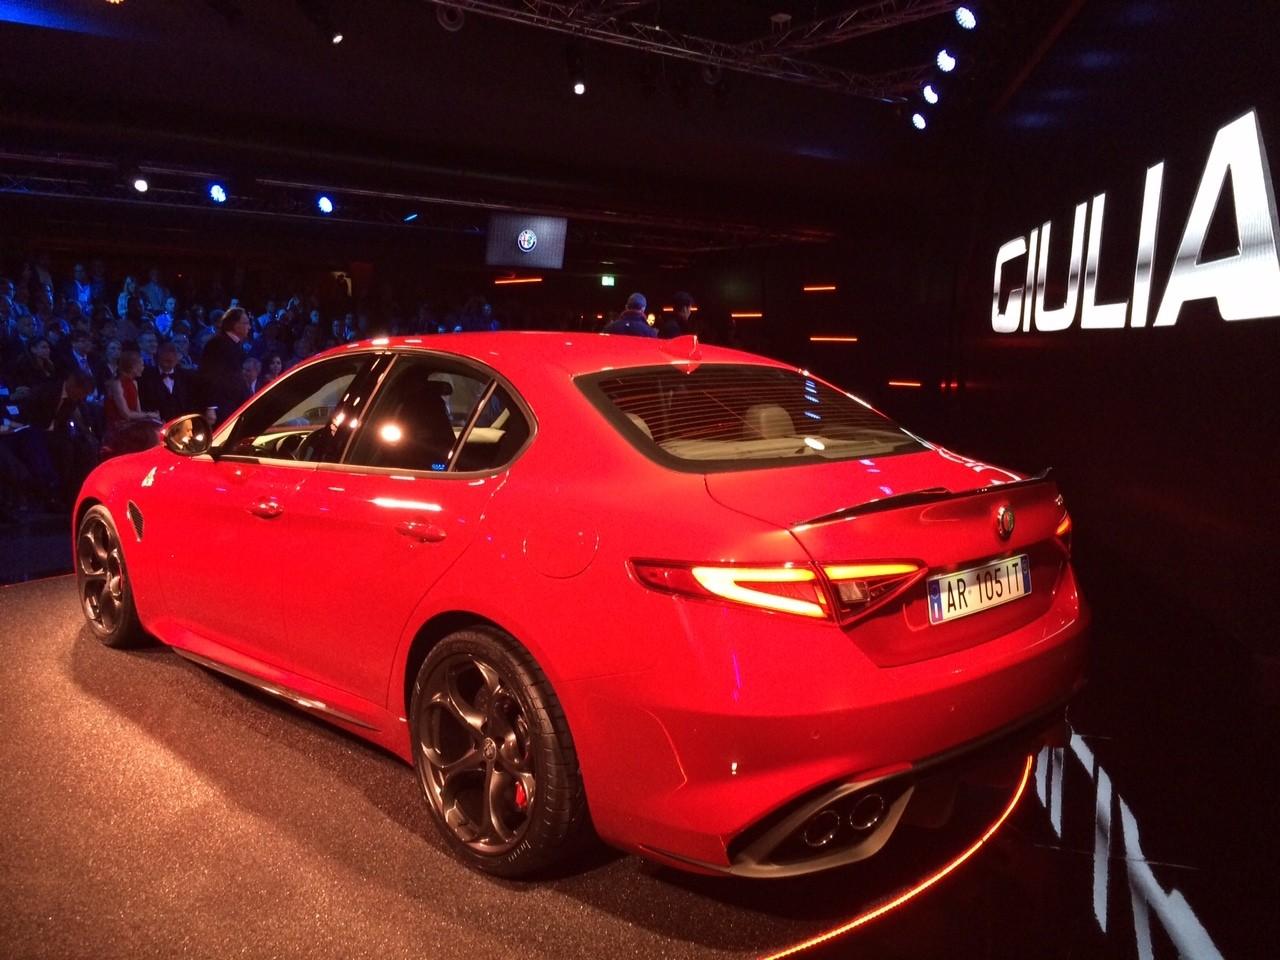 Alfa romeo giulietta price europe 14